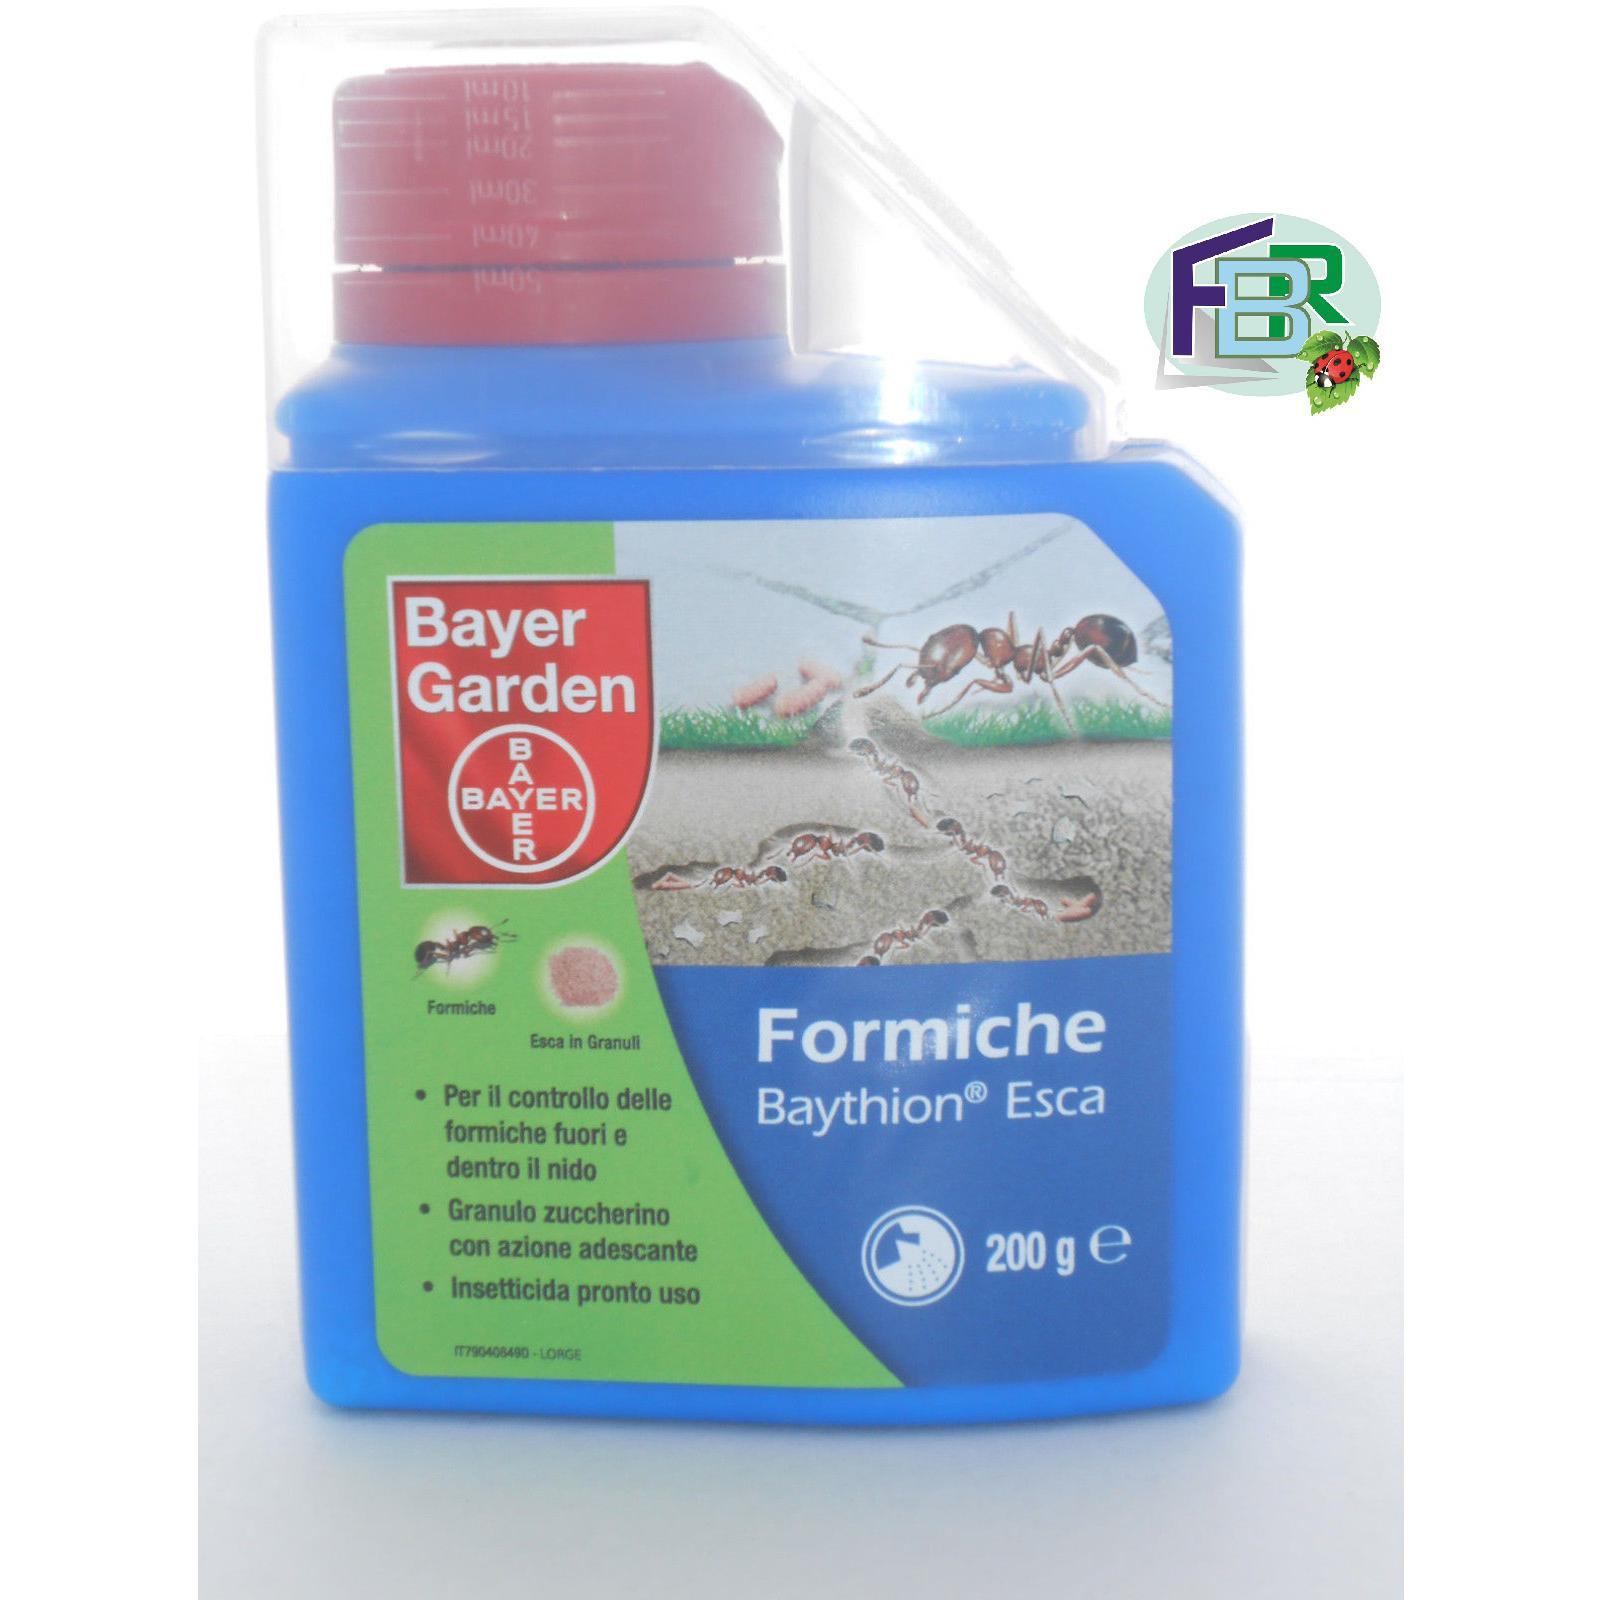 Insetticida granulare antiformiche Bayer Baythion trappola esca formiche gr 200